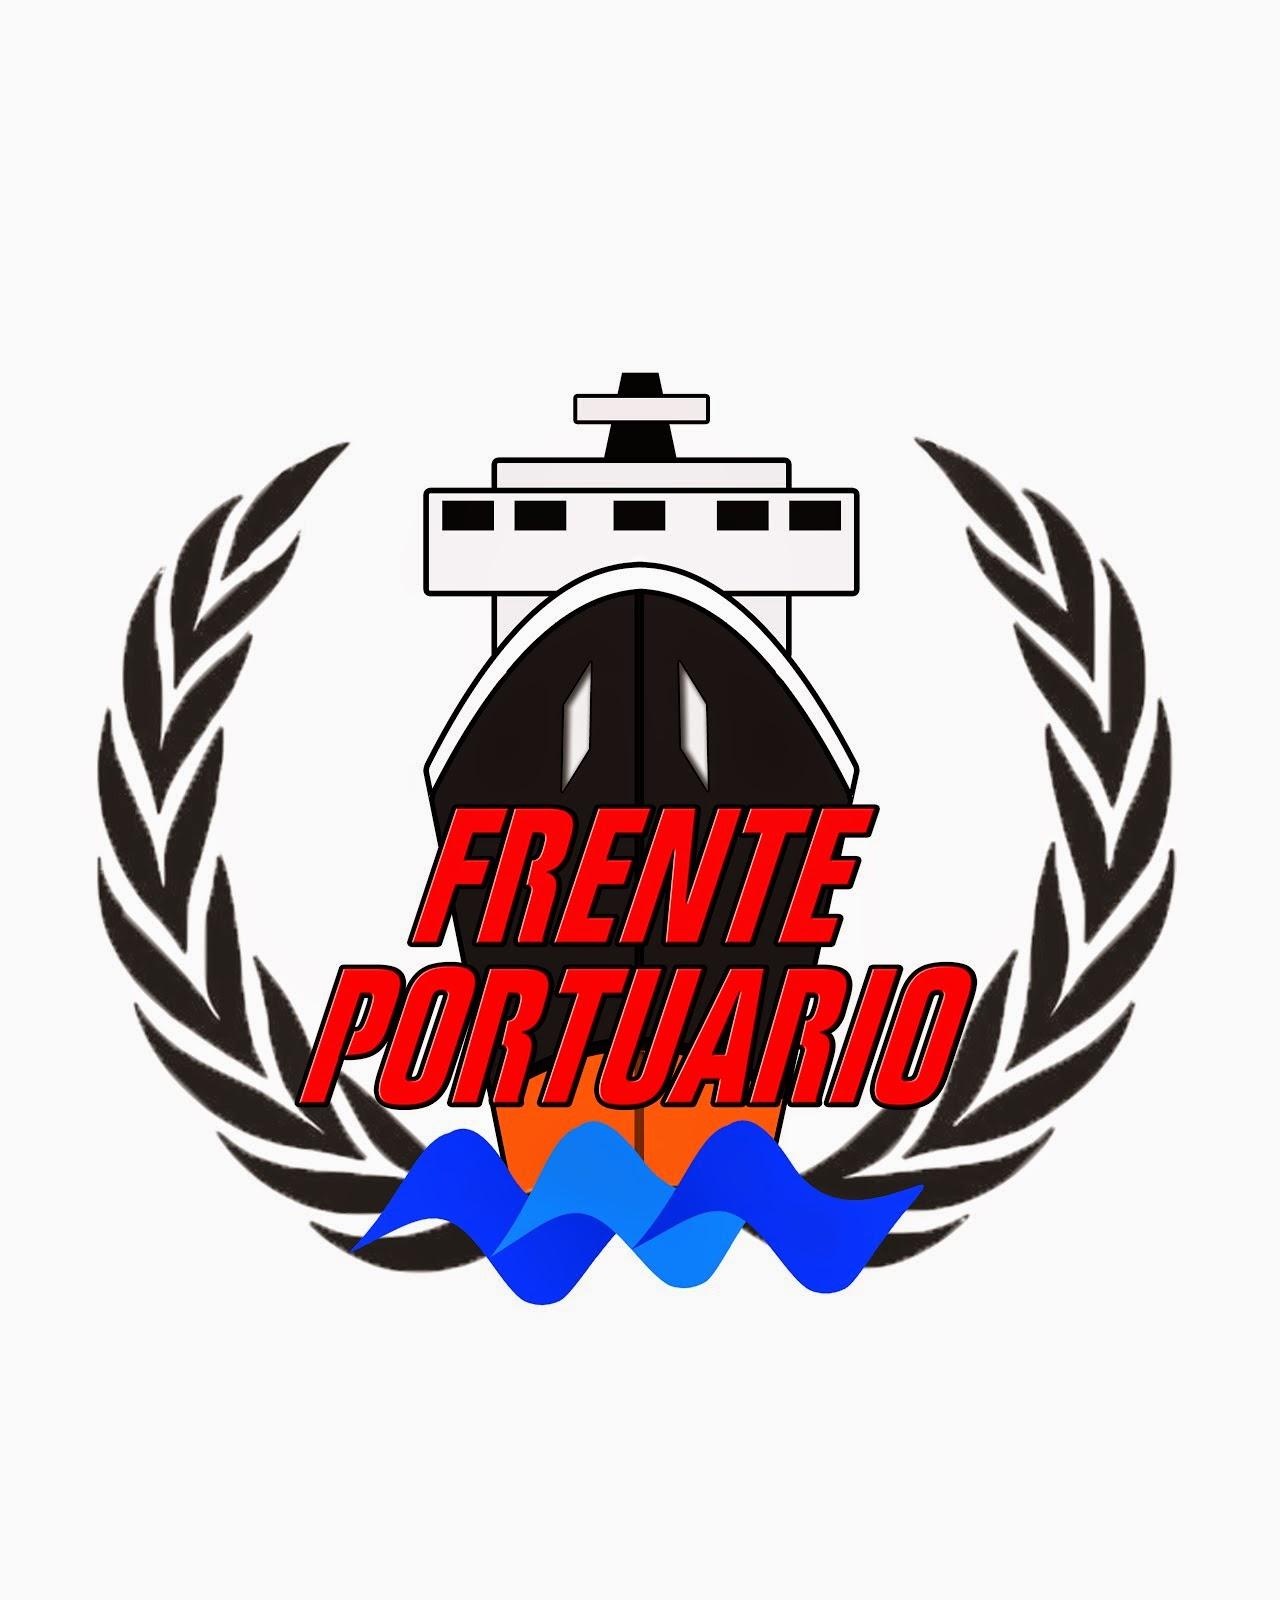 FRENTE PORTUARIO